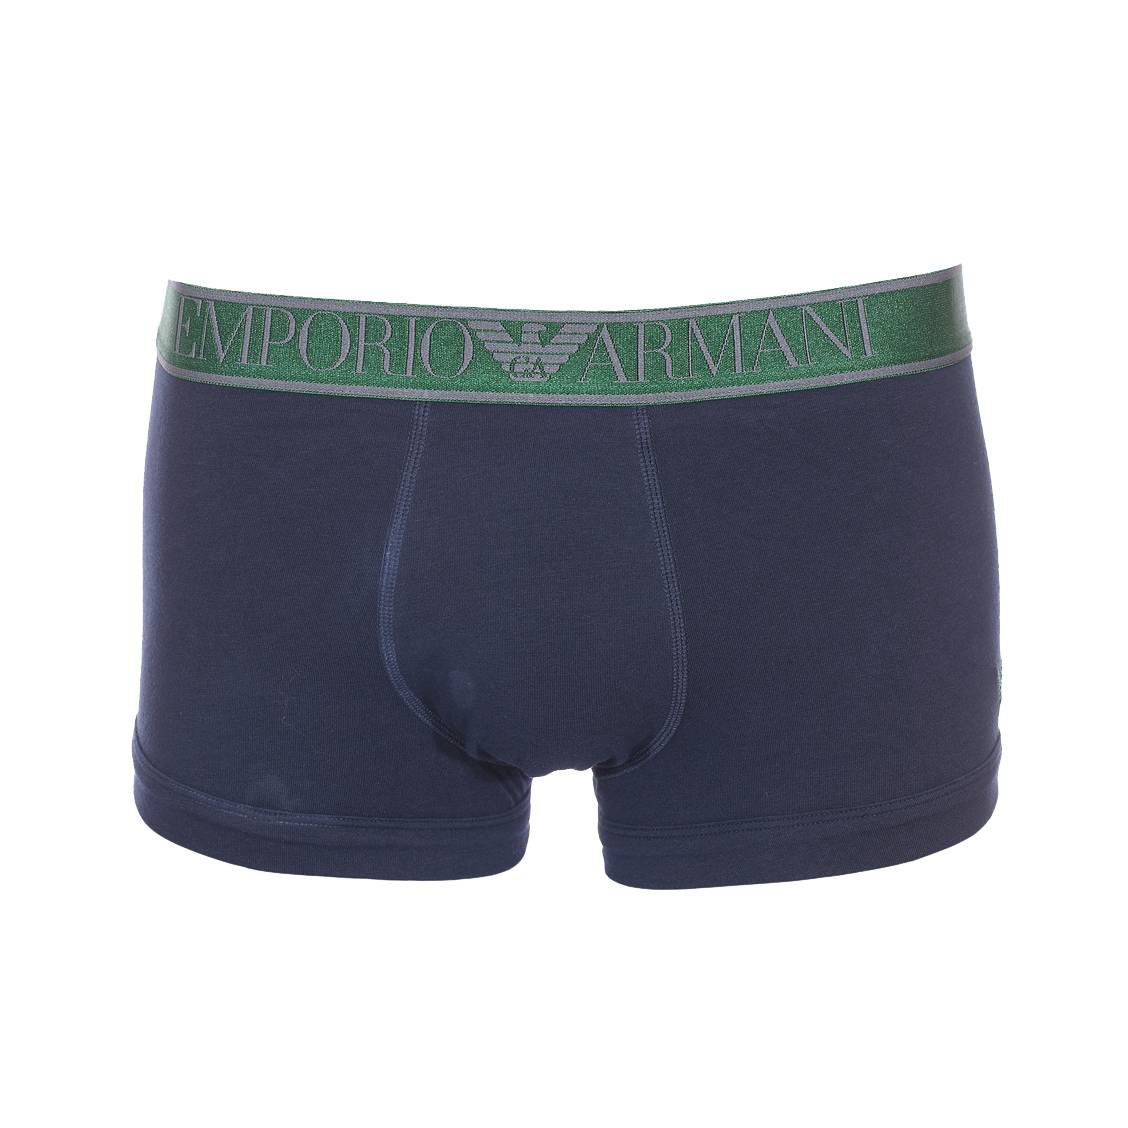 Boxer  en coton stretch bleu marine à ceinture vert bouteille